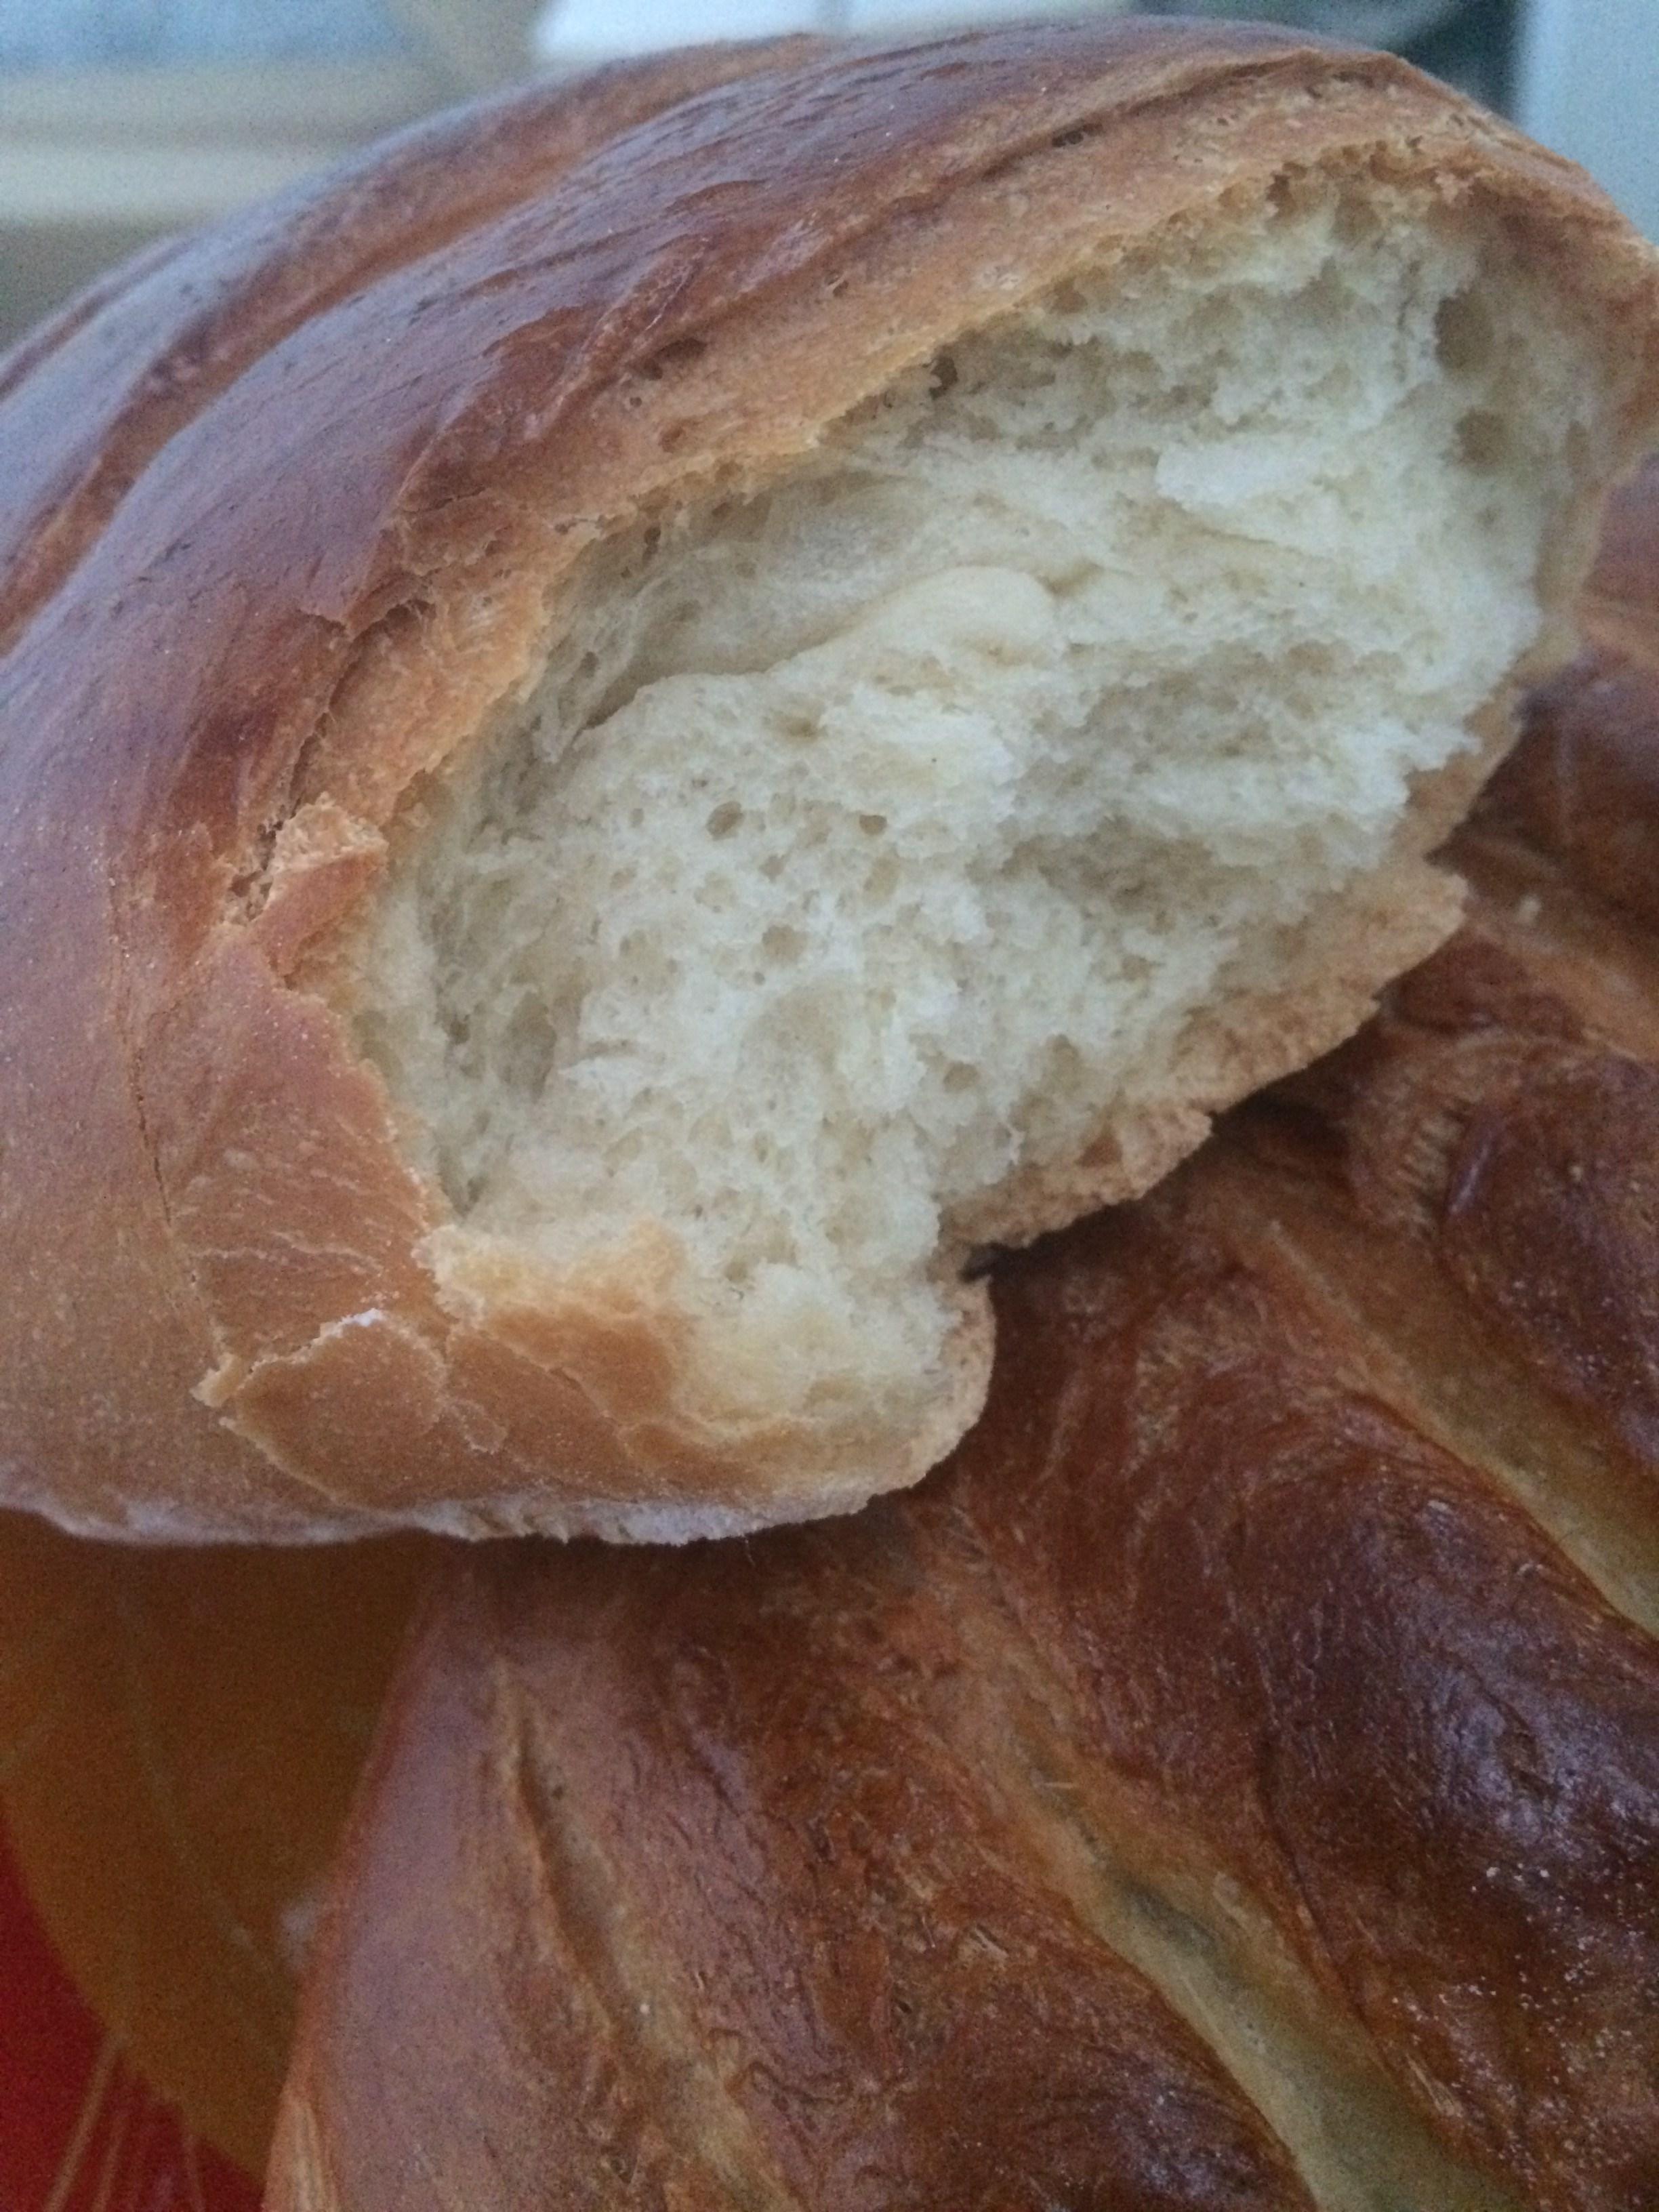 Домашний хлеб: дешево, вкусно, полезно, и готовить. - Купи батон! 66